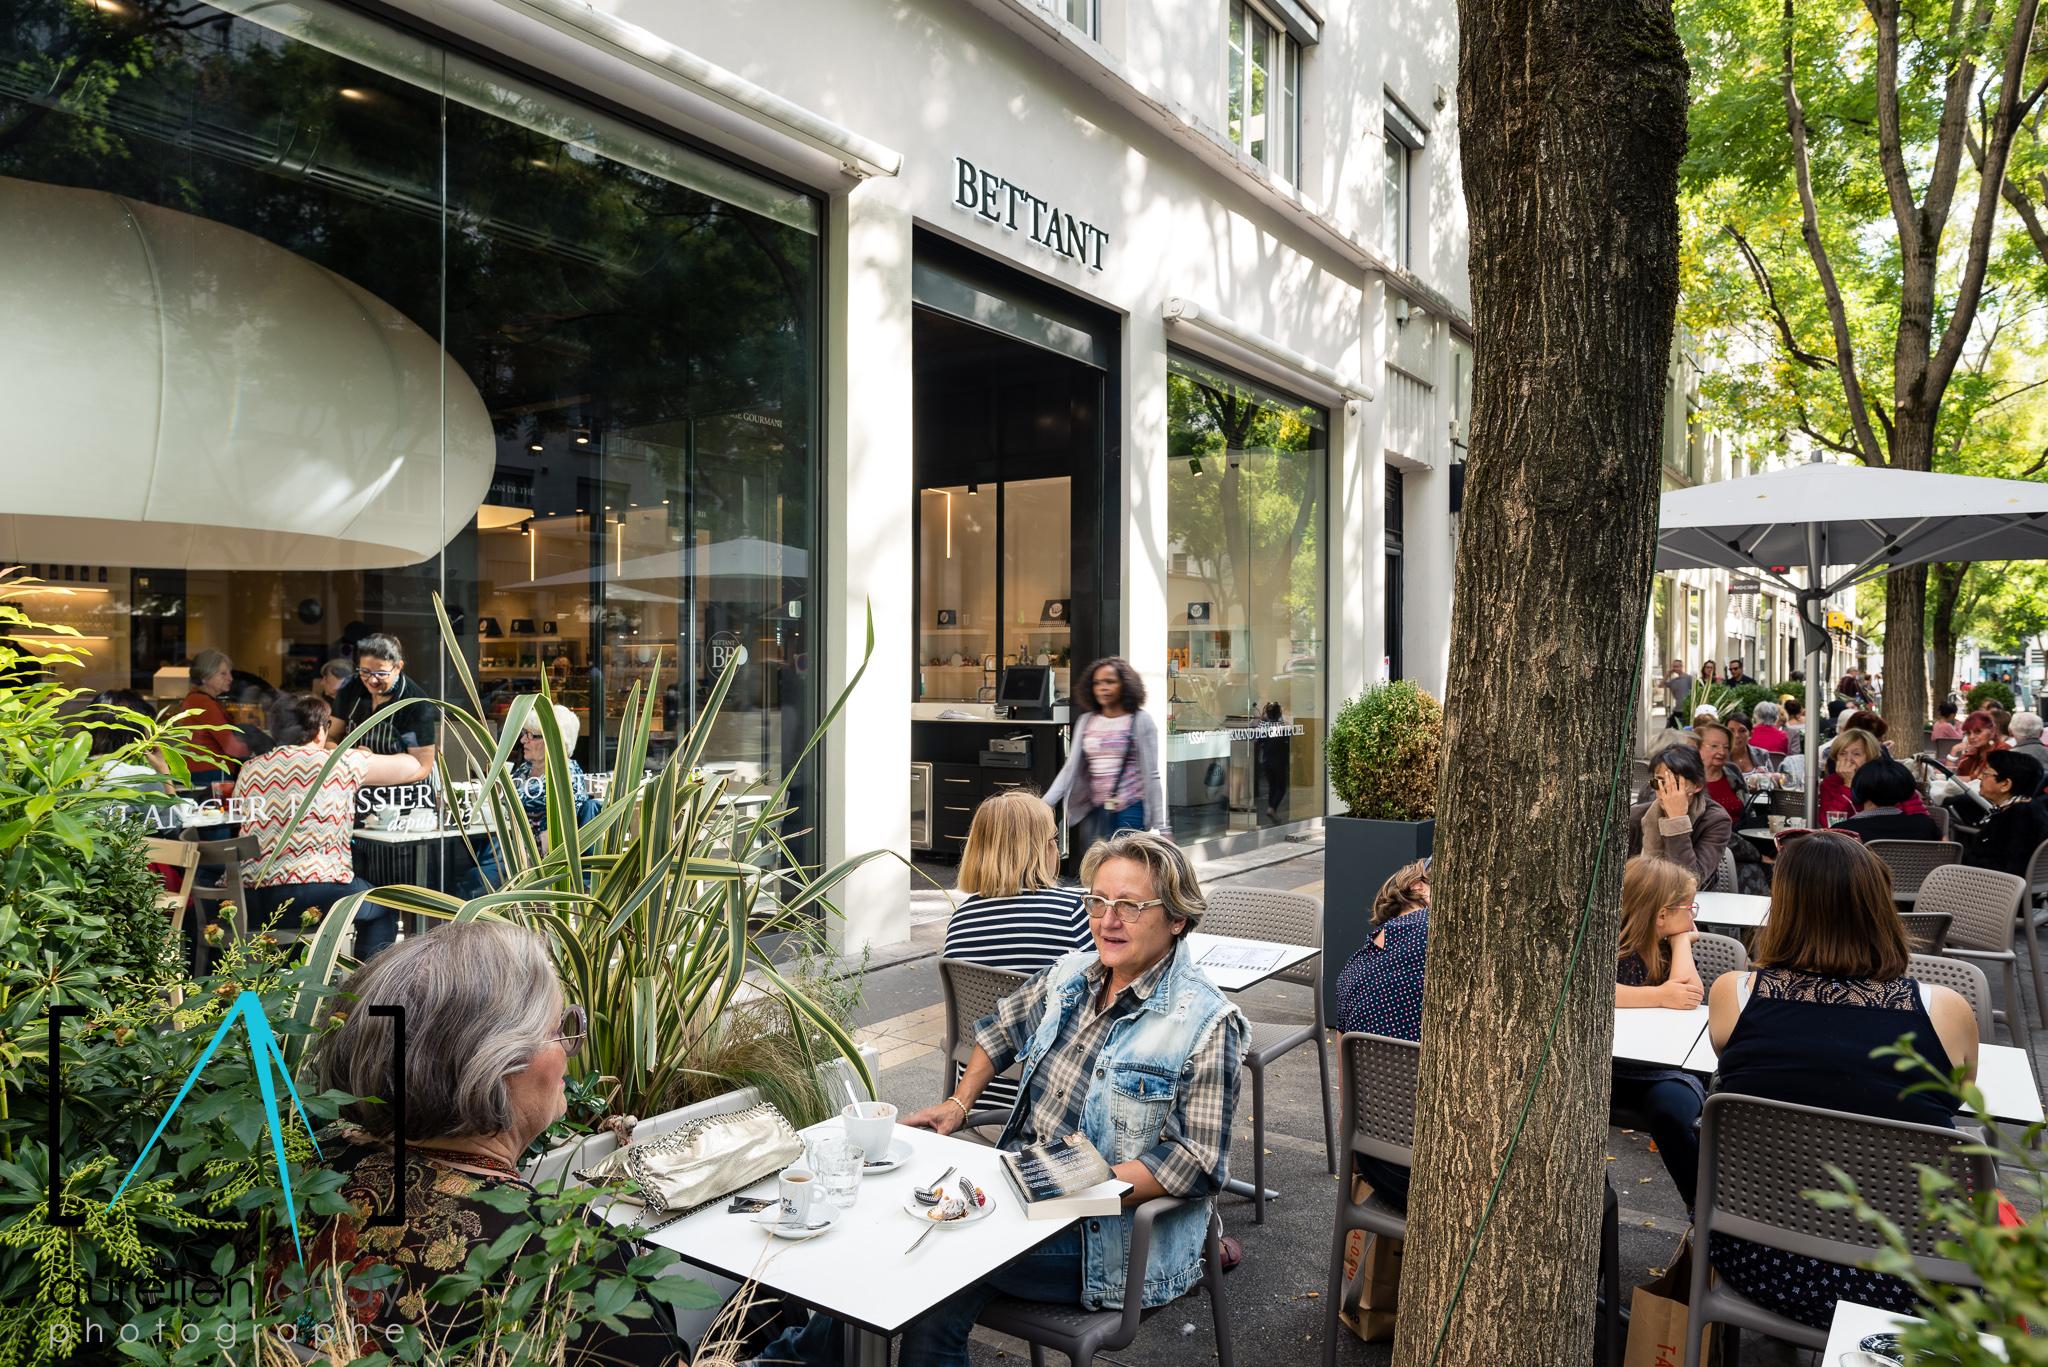 Photographe Lyon Villeurbanne - illustration ambiance lieu entreprise - Maison Bettant - Gratte-Ciel